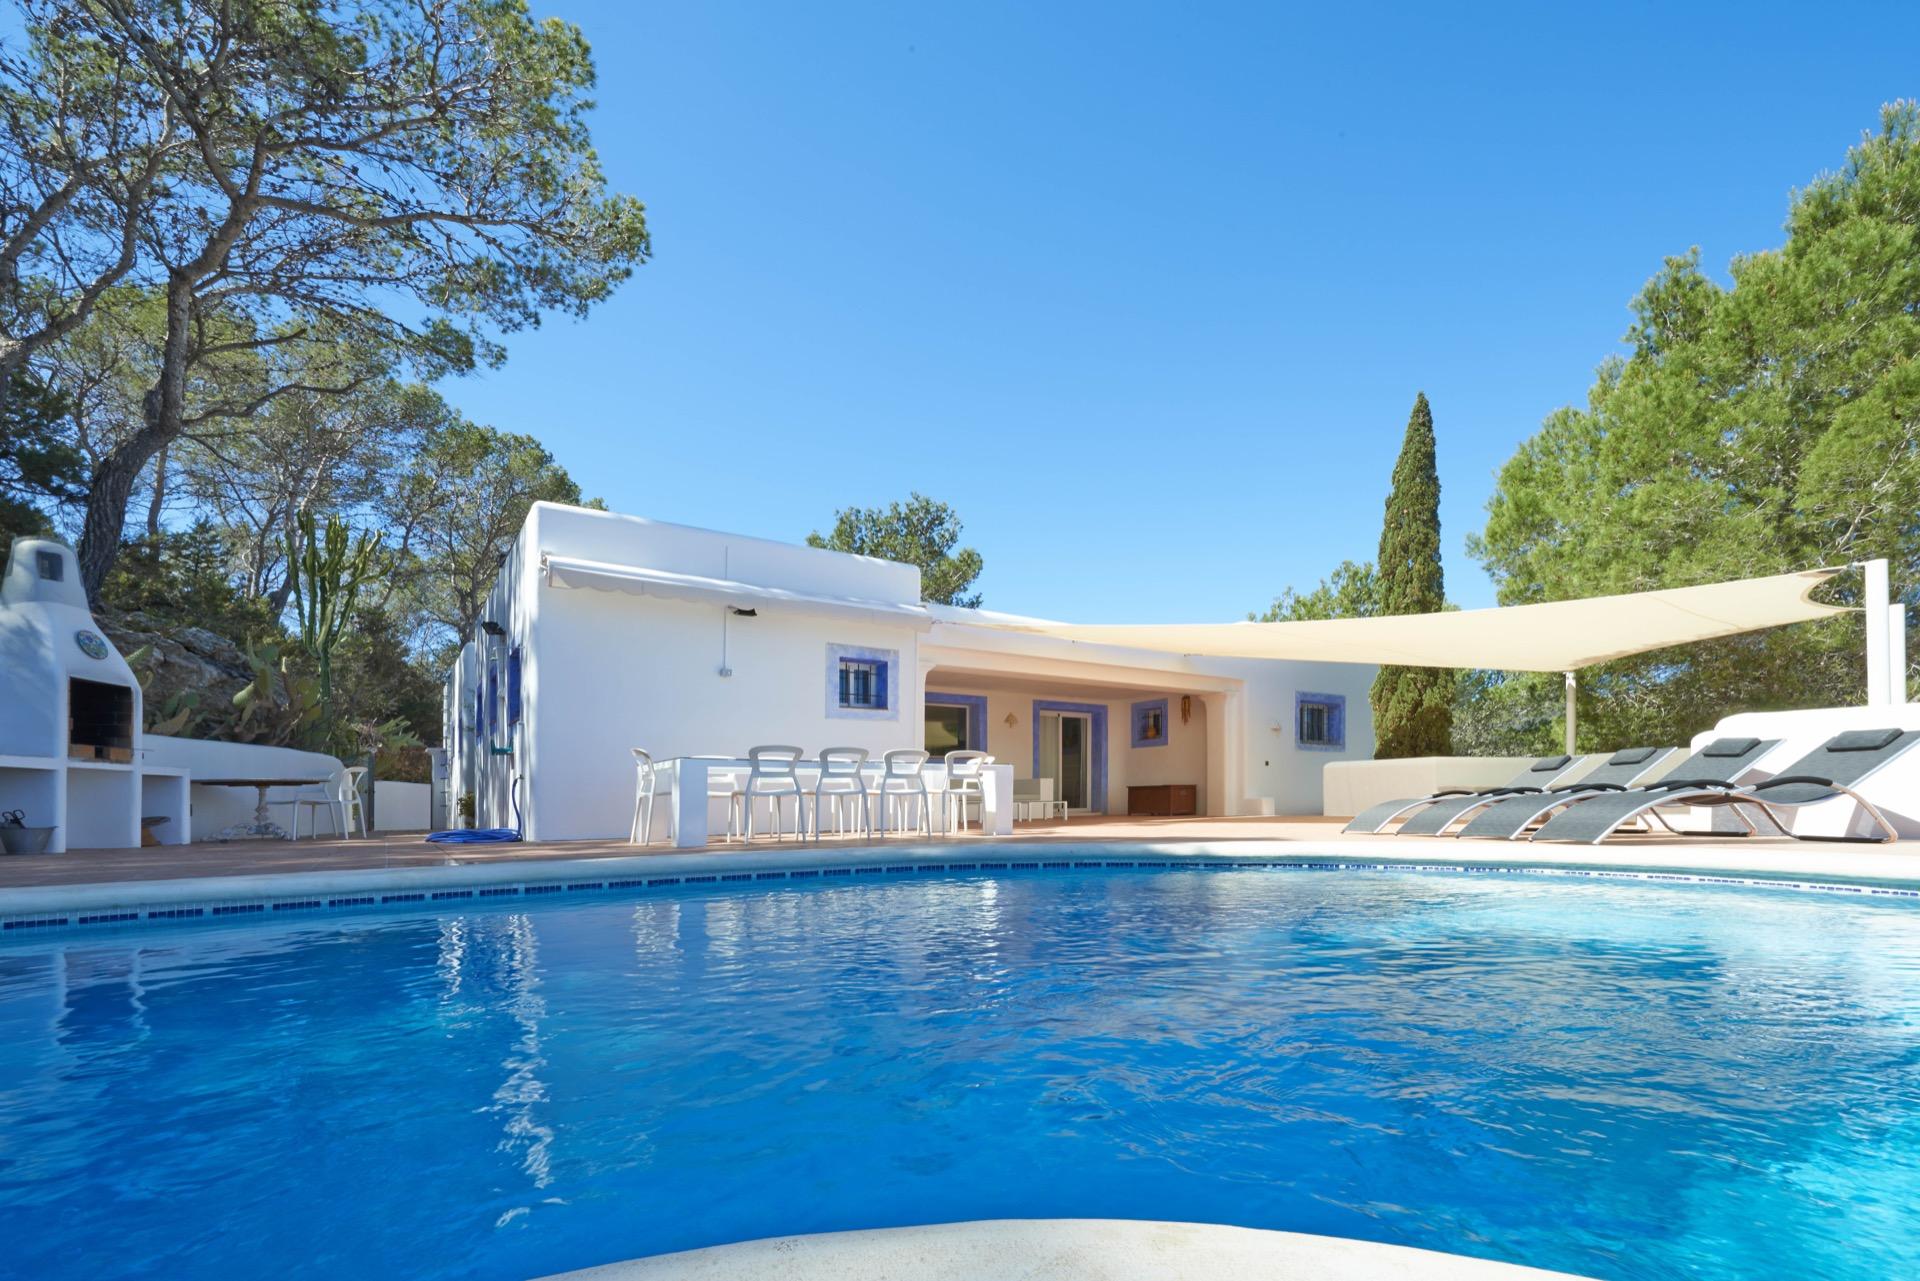 Cas fran villas rentals in ibiza villa rental ibiza - Ibiza house renting ...